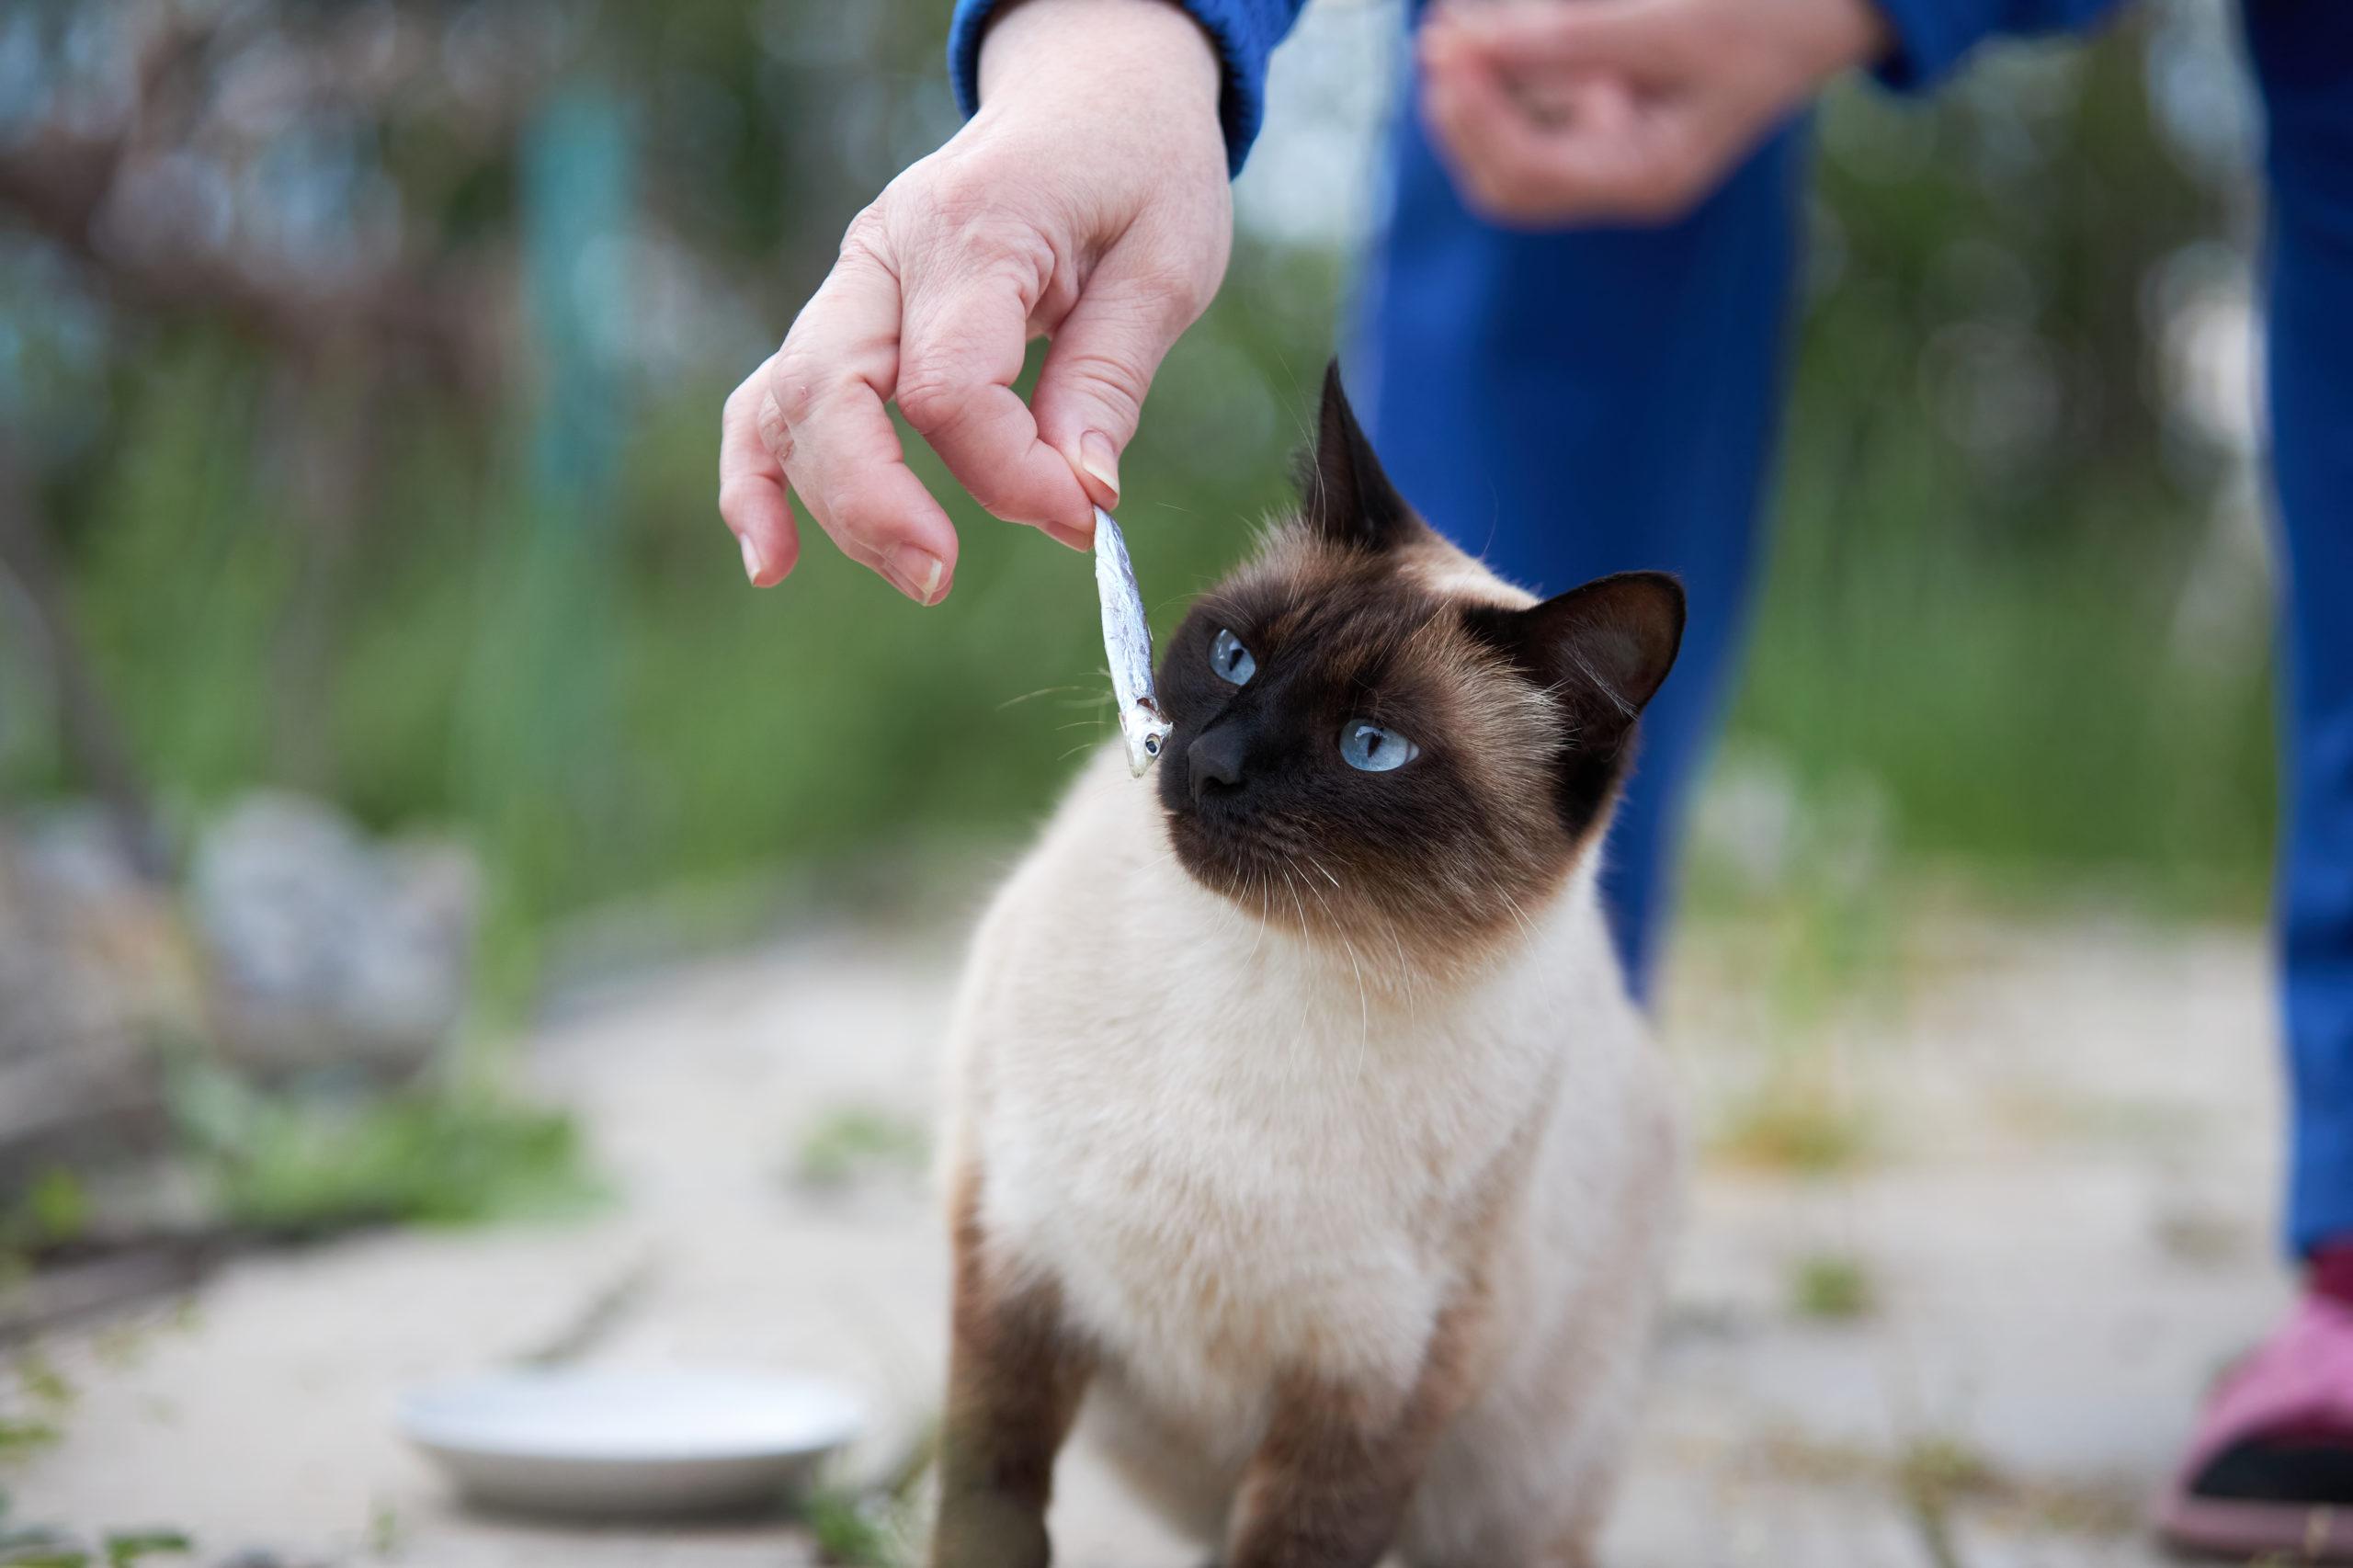 ネコにオヤツをあげるタイミング